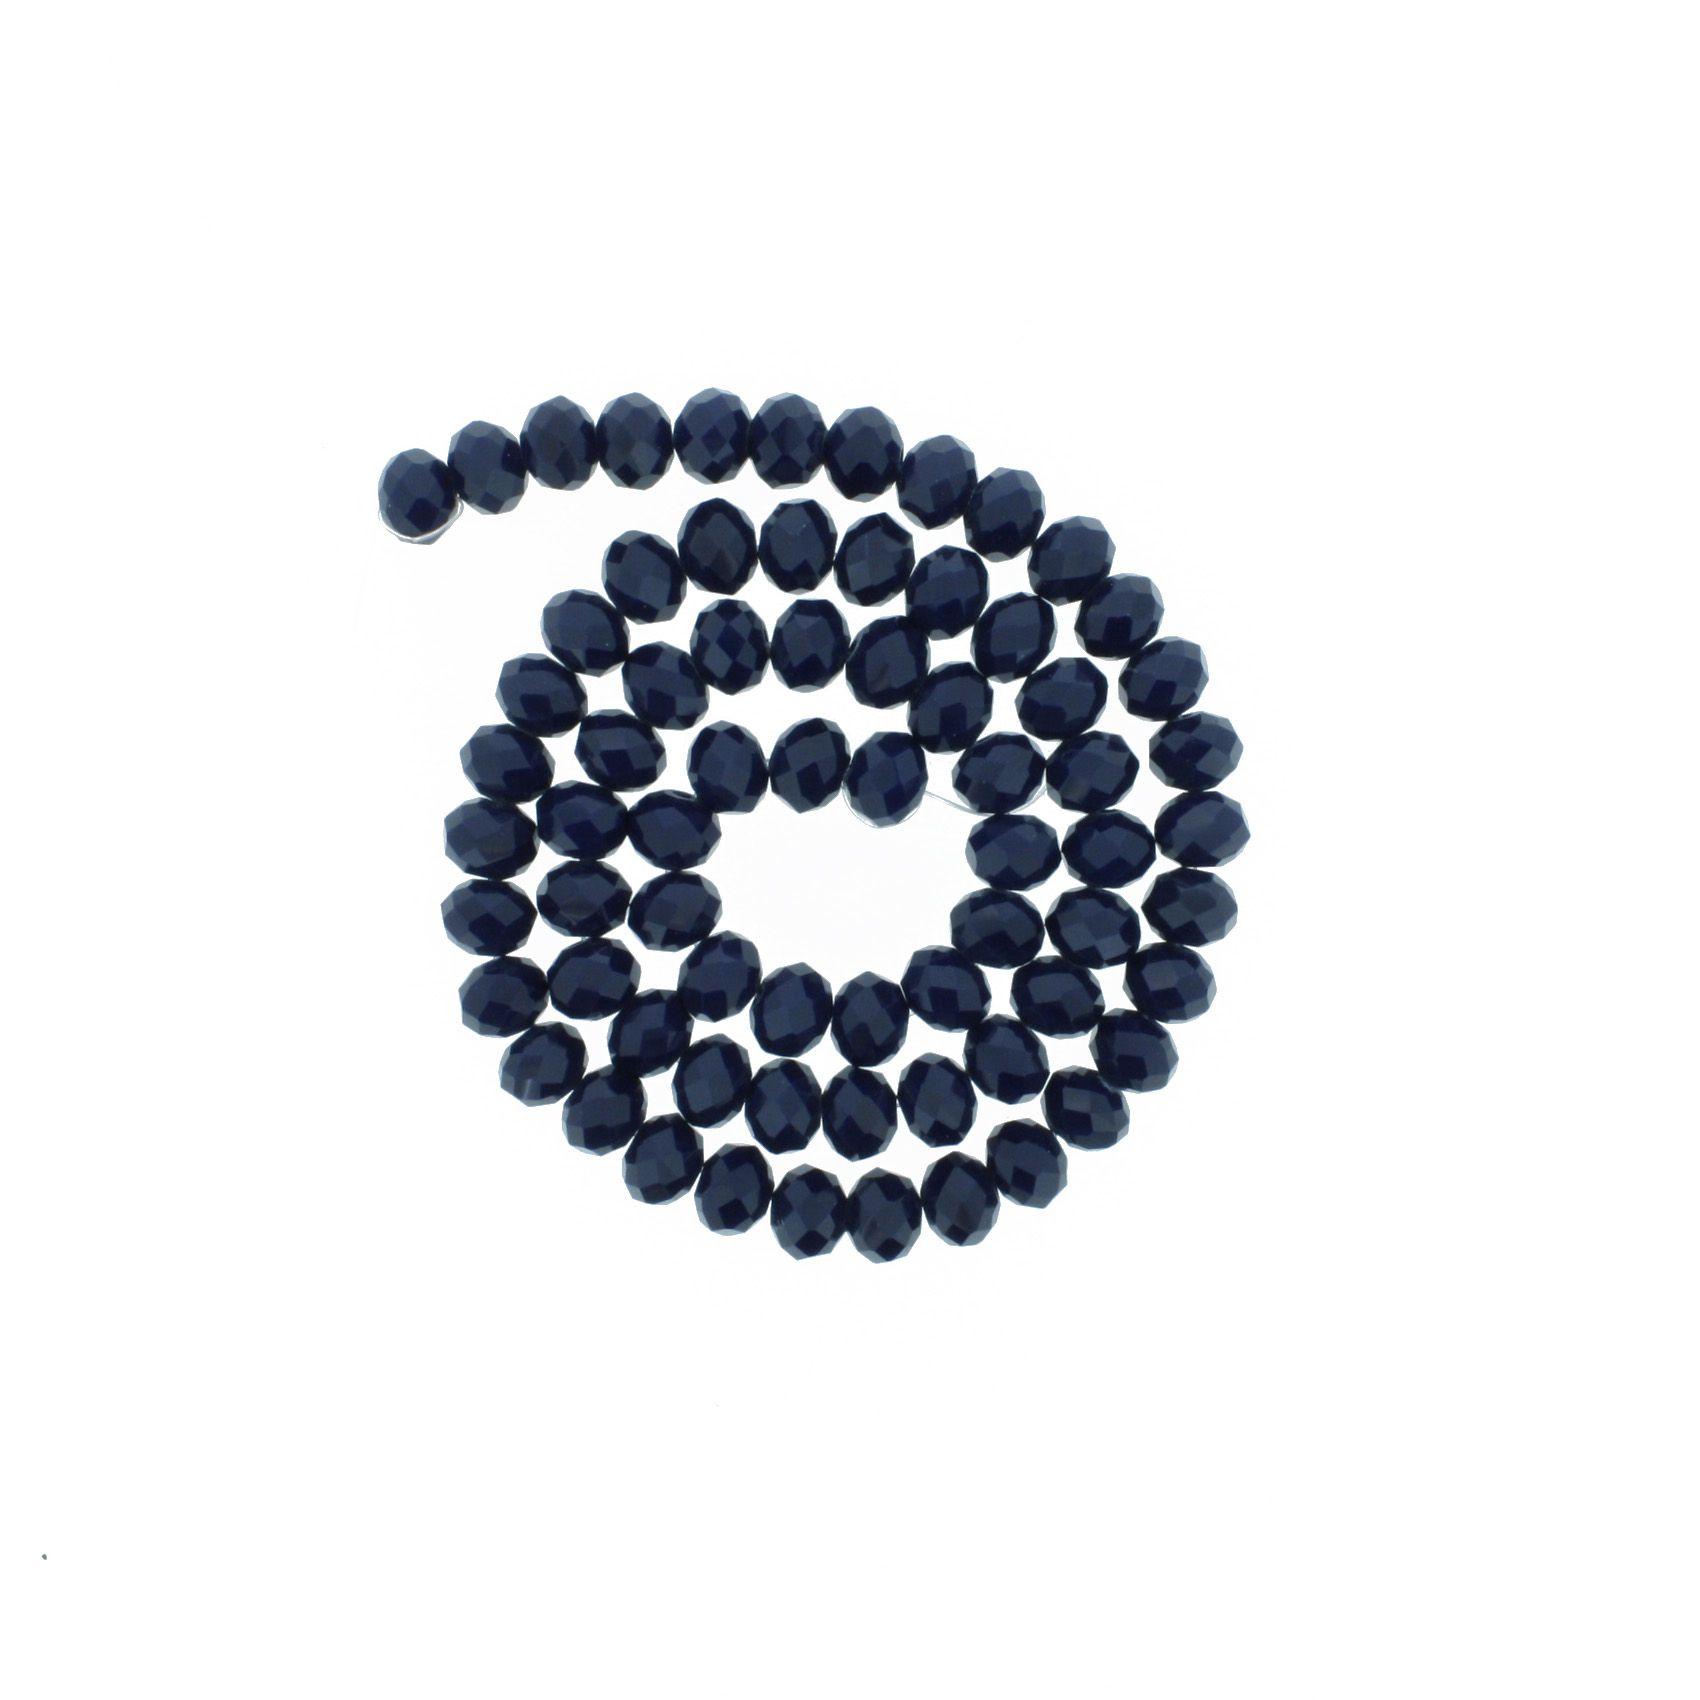 Fio de Cristal - Flat® - Azul Marinho - 8mm  - Stéphanie Bijoux® - Peças para Bijuterias e Artesanato